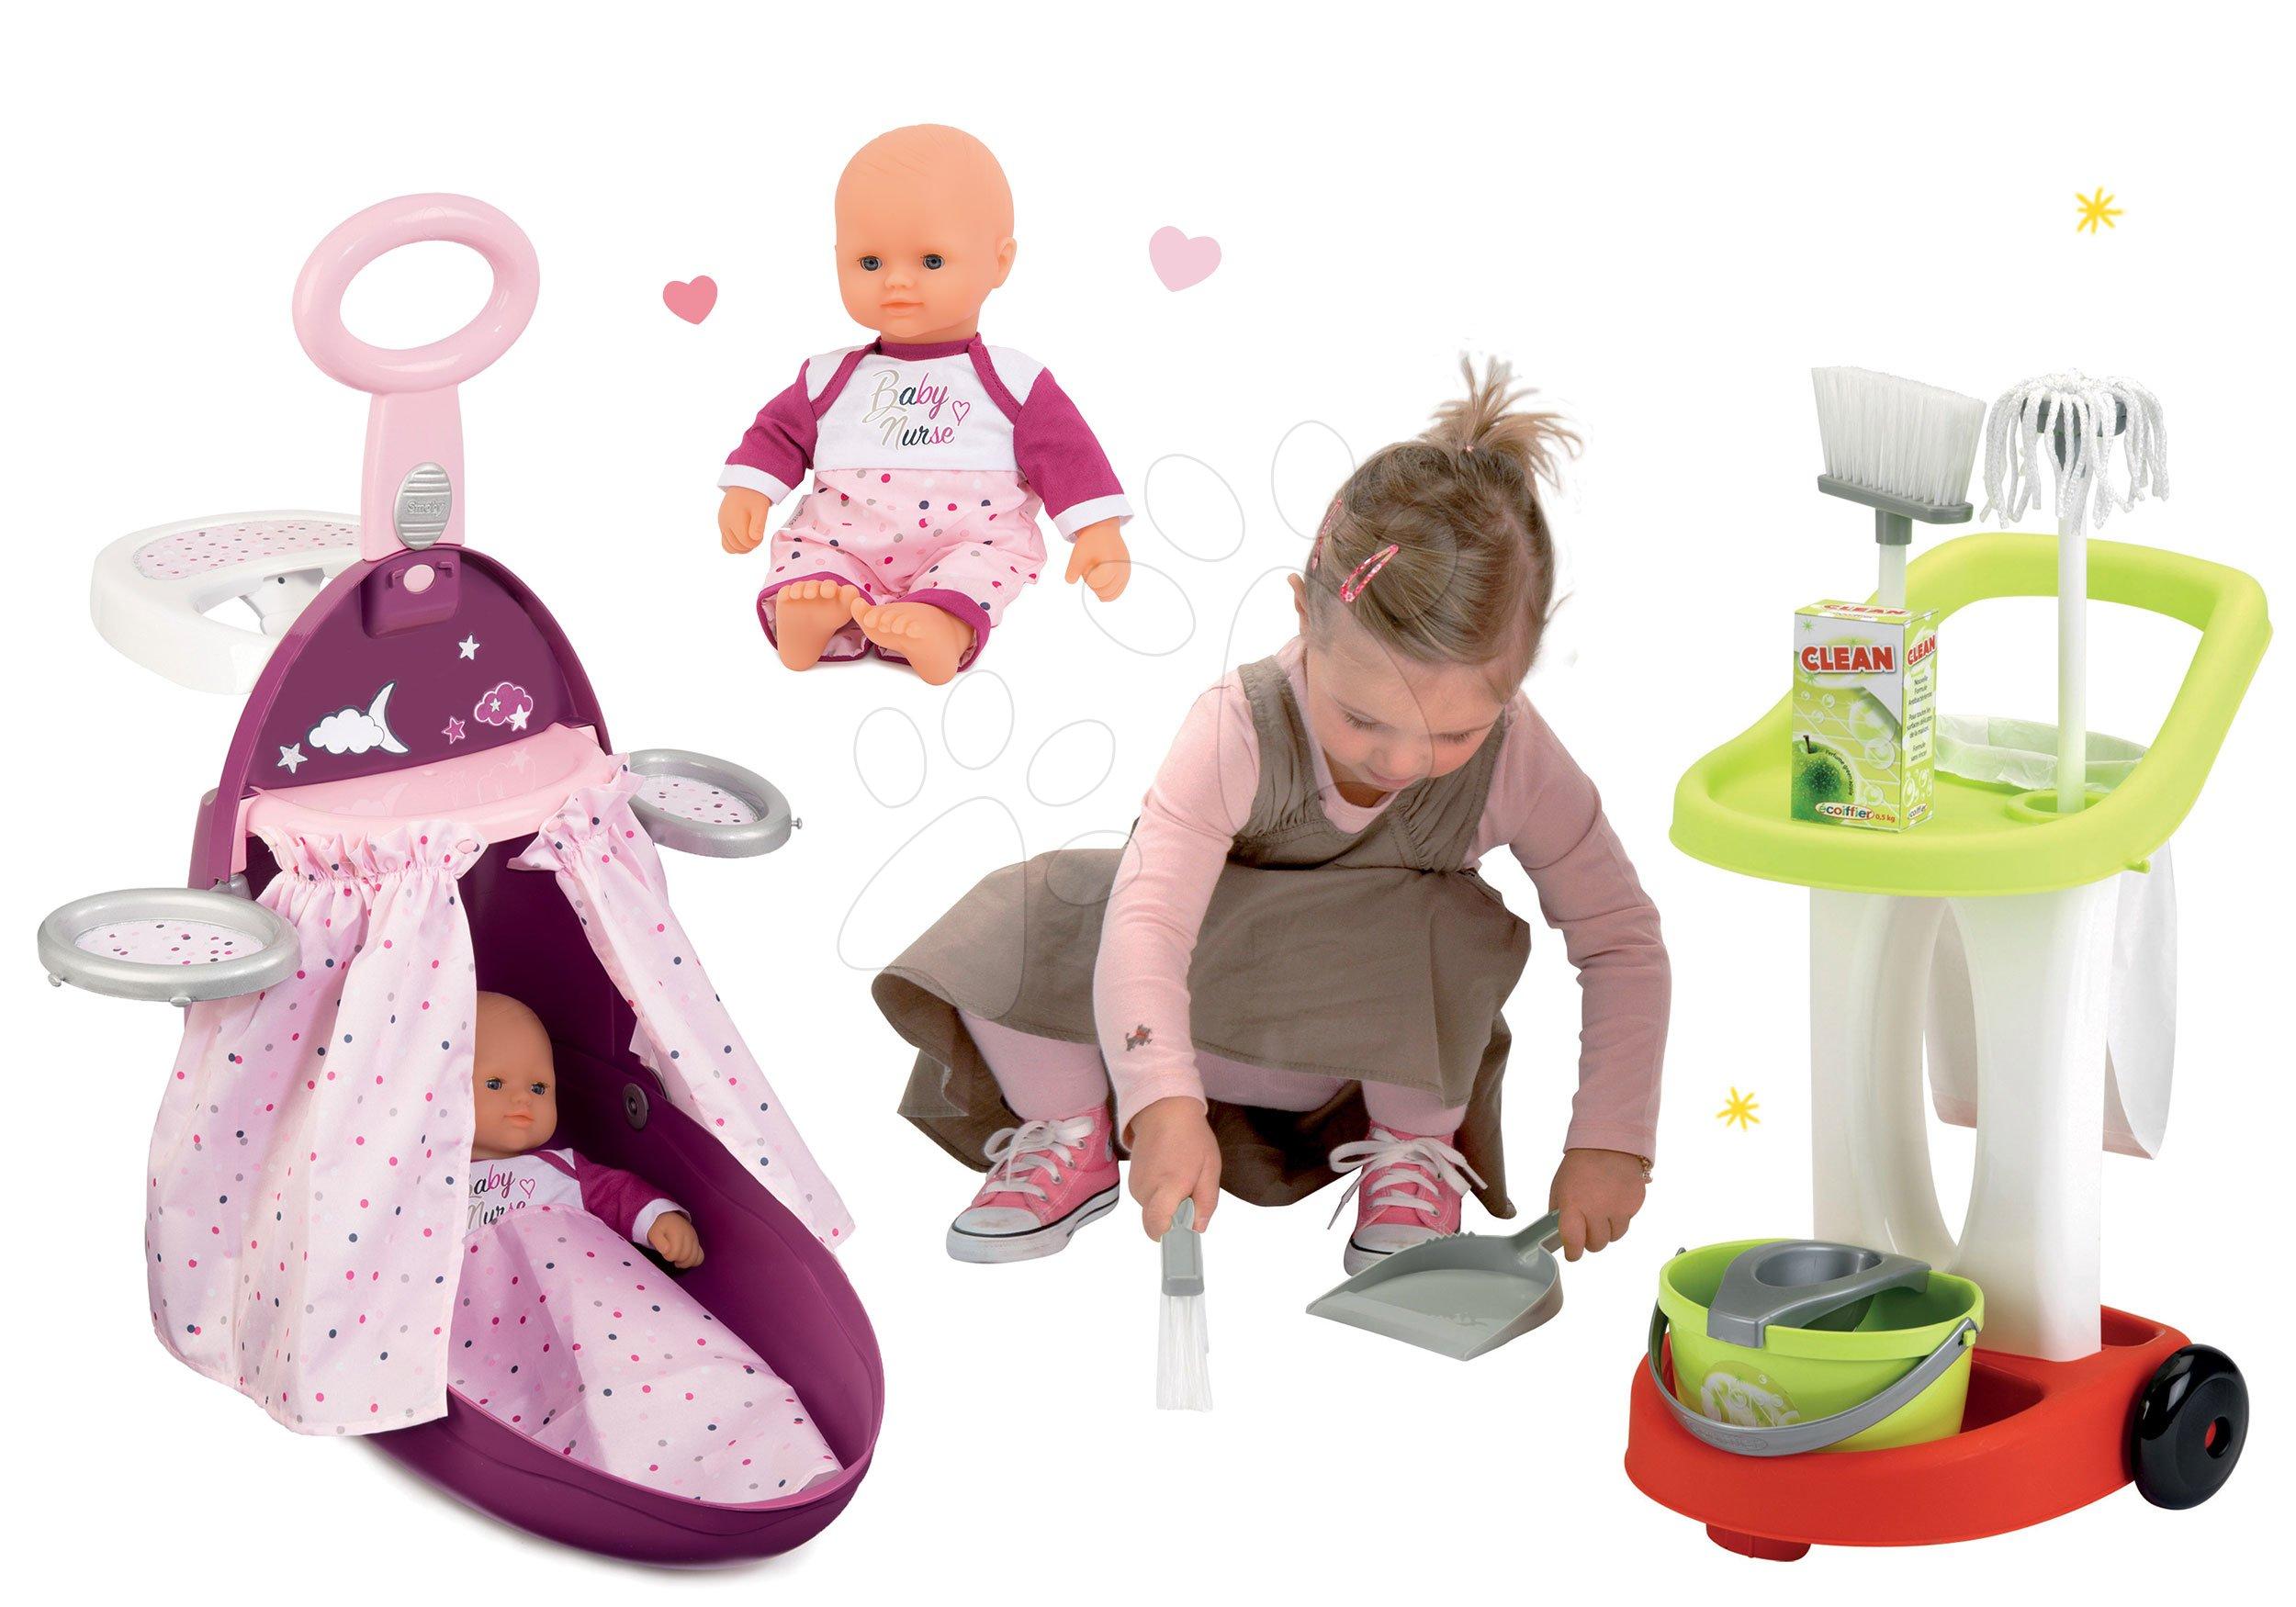 Set přebalovací vozík Baby Nurse Zlatá edice Smoby s postýlkou, panenka 32 cm a úklidový vozík od 18 měsíců